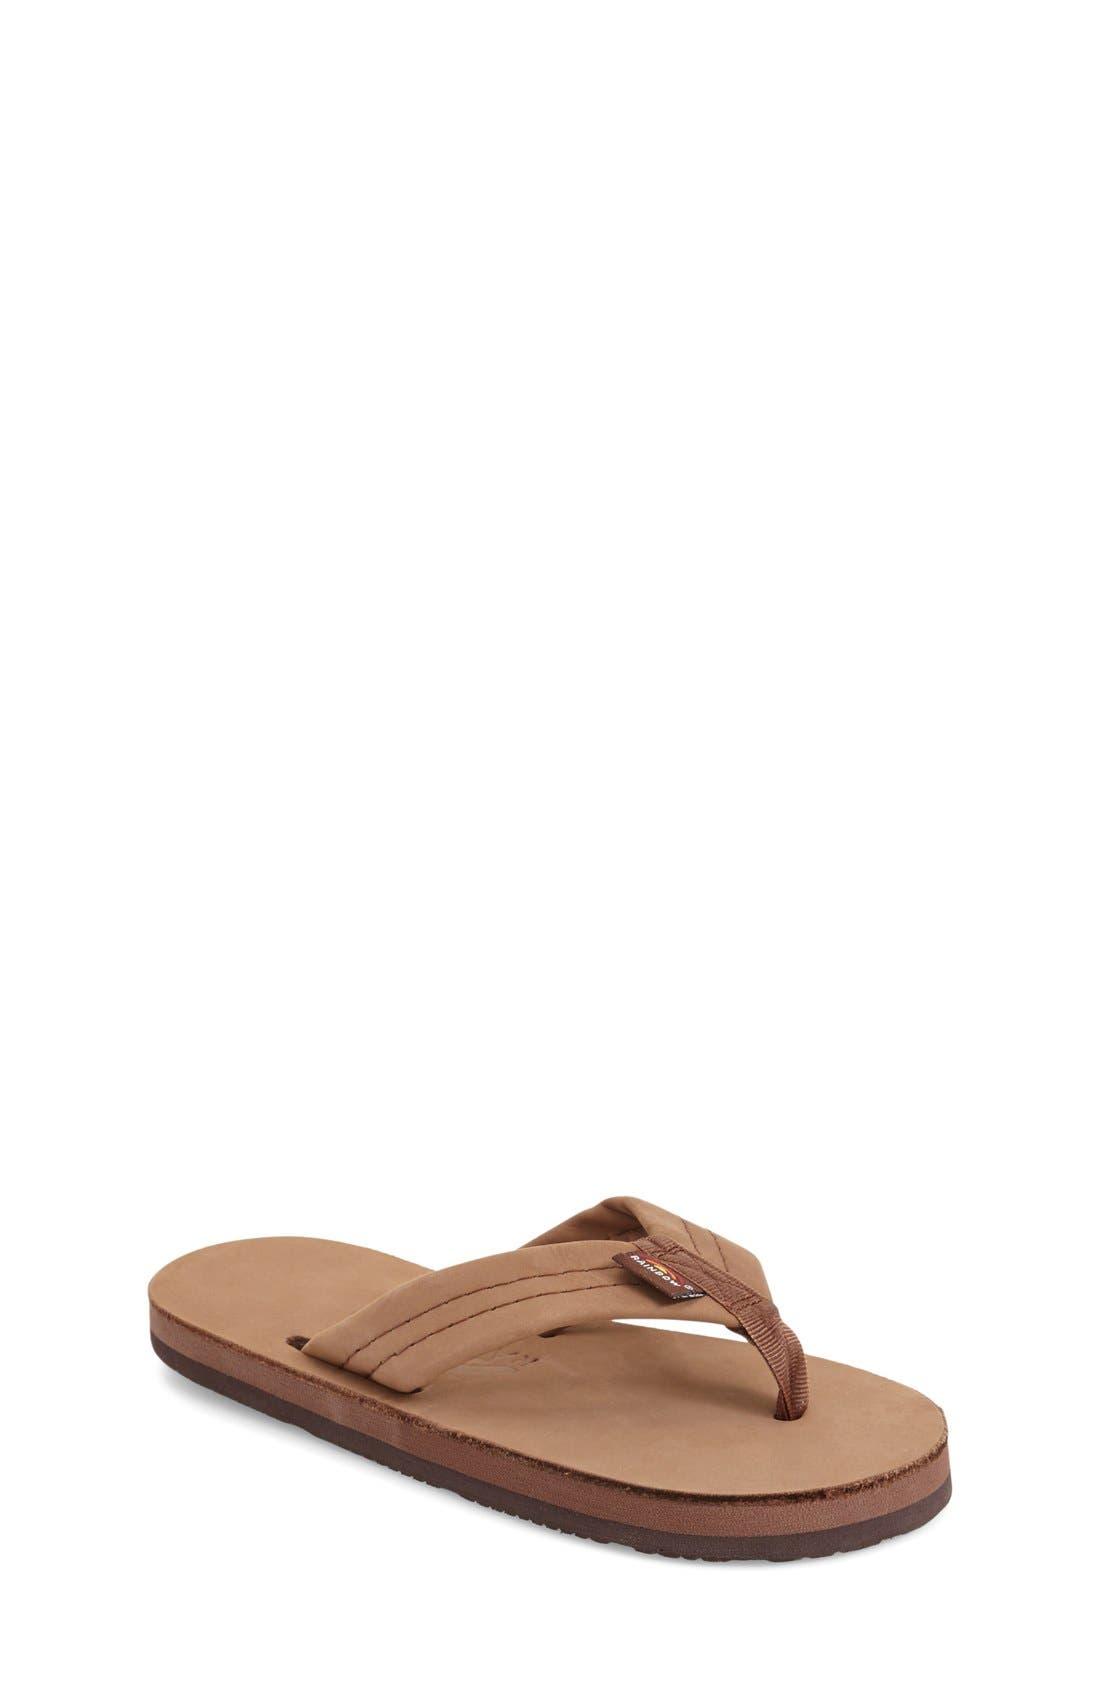 Rainbow Leather Sandal (Toddler, Little Kid & Big Kid)